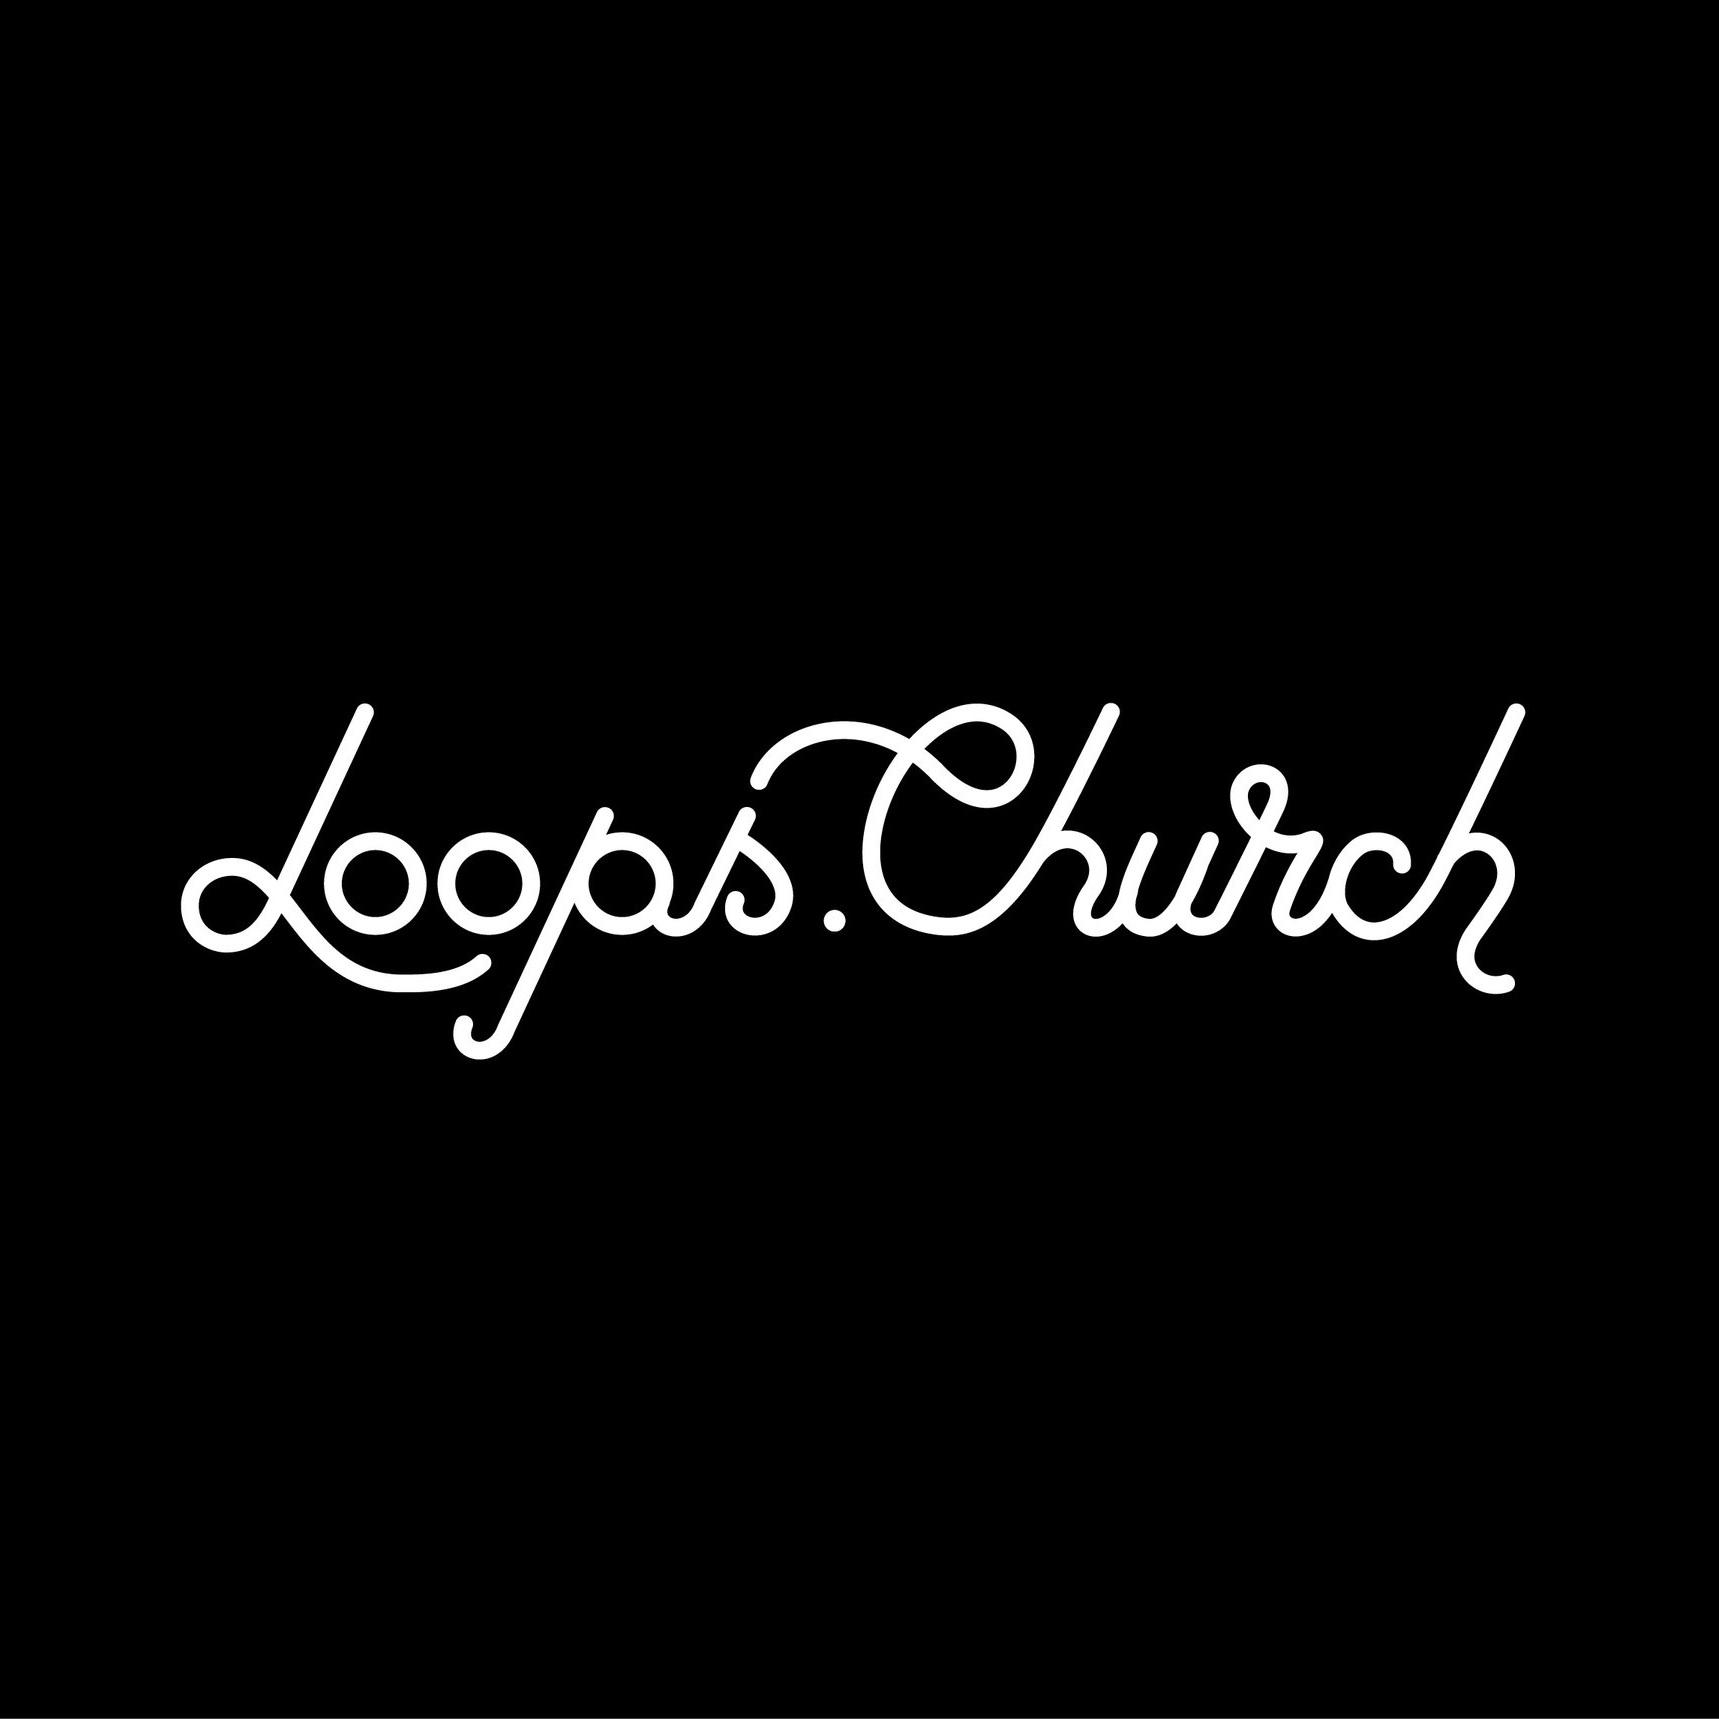 Loops Black.jpg